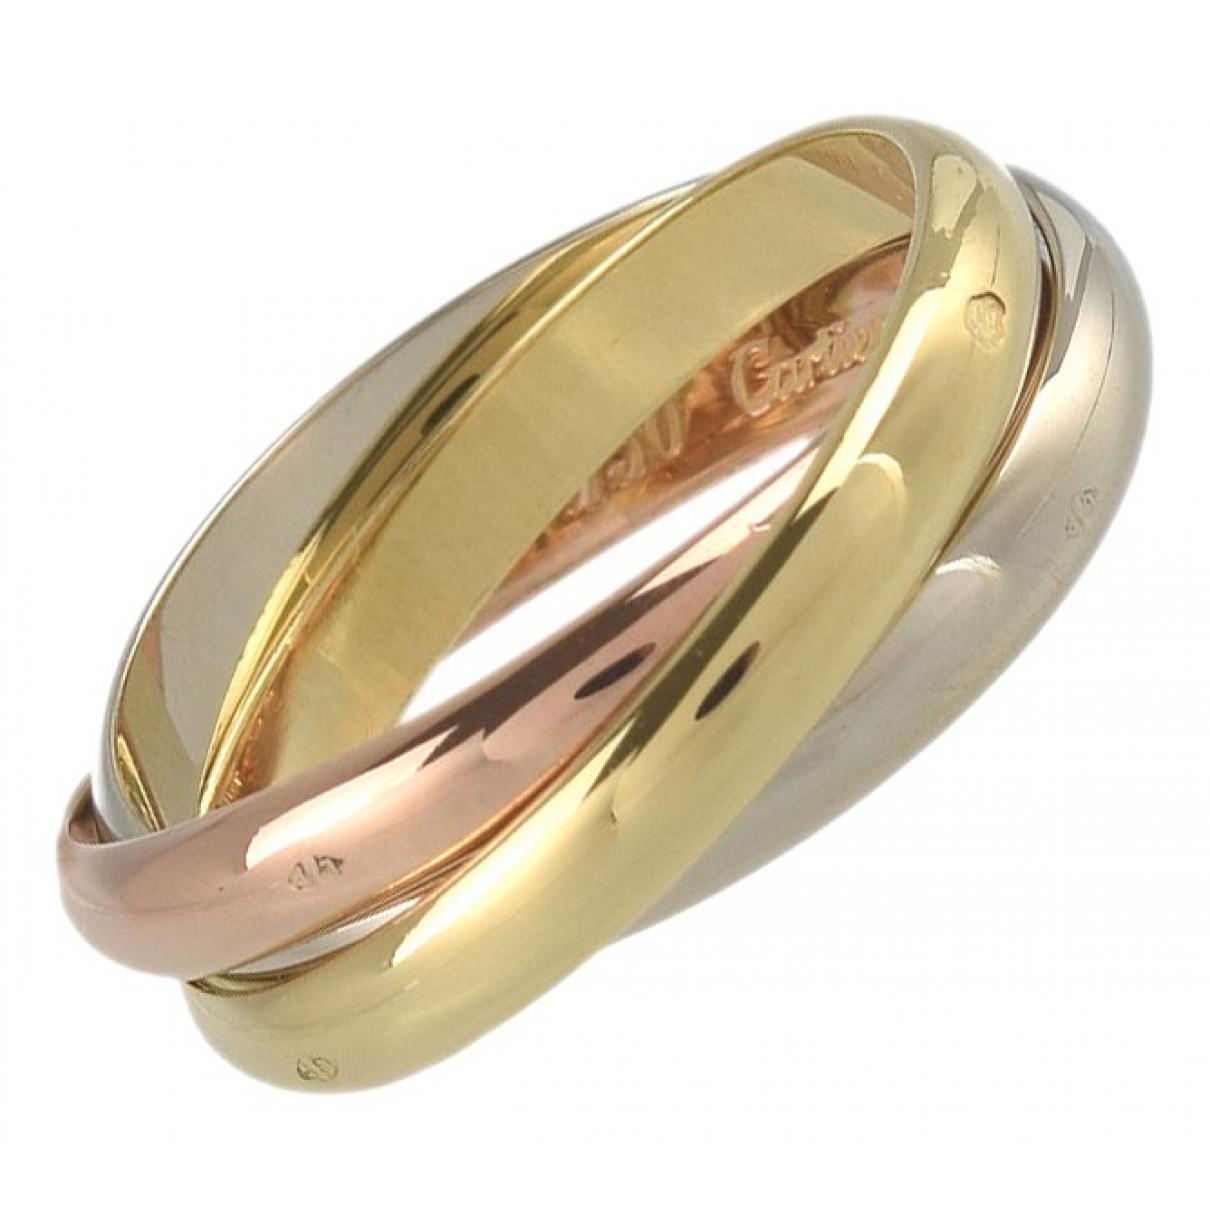 Cartier - Bague Trinity pour femme en plaque or - dore